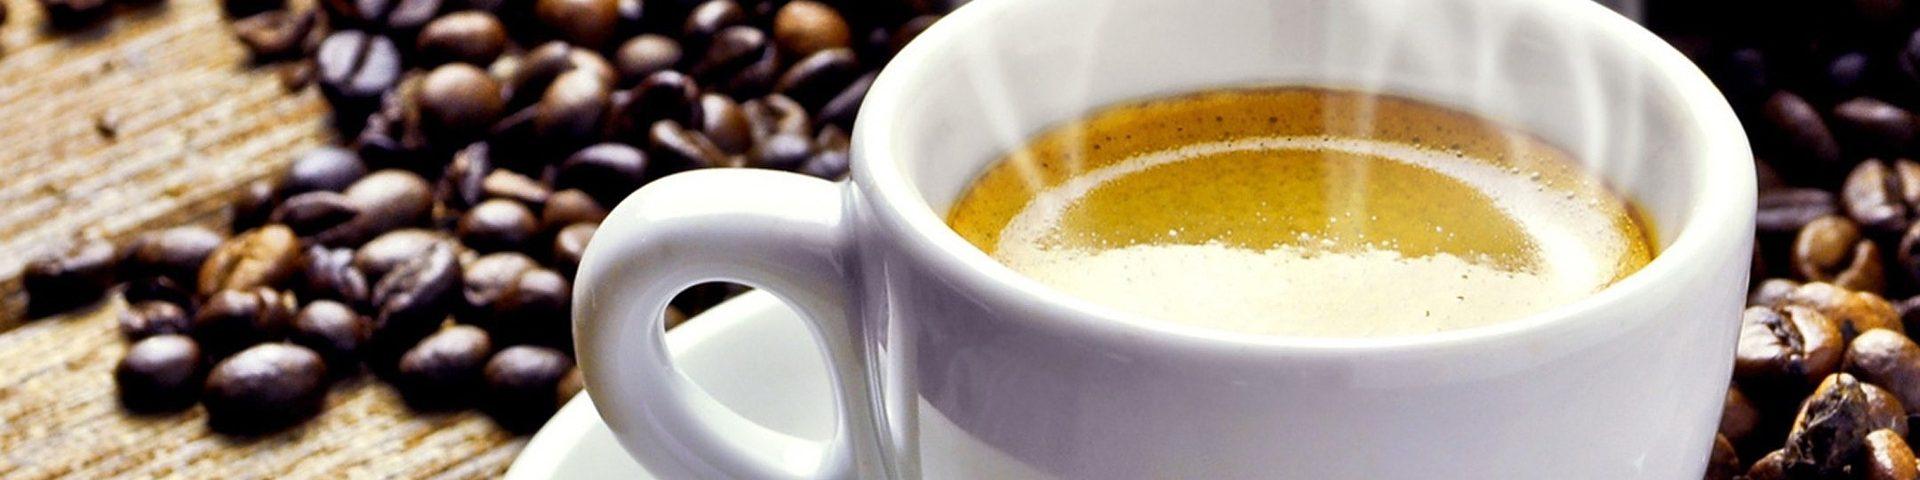 Eine frische Tasse Kaffee und Kaffeebohnen im Hintergrund